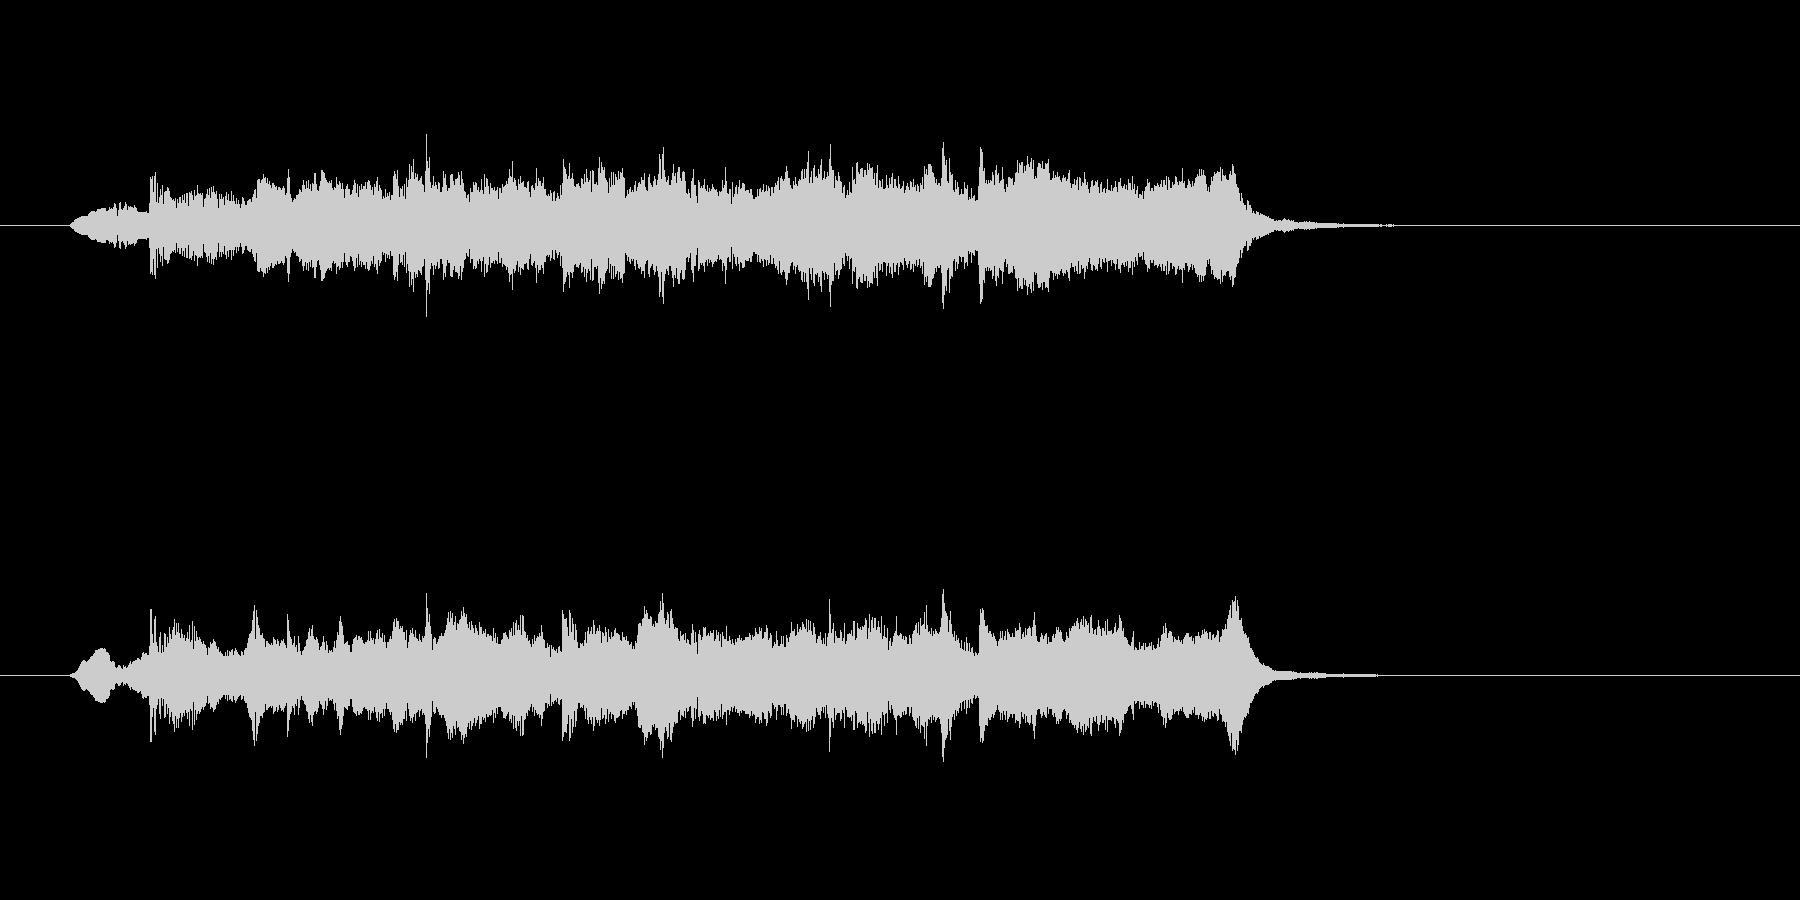 ストリングス ほのぼの 日常 リラックスの未再生の波形